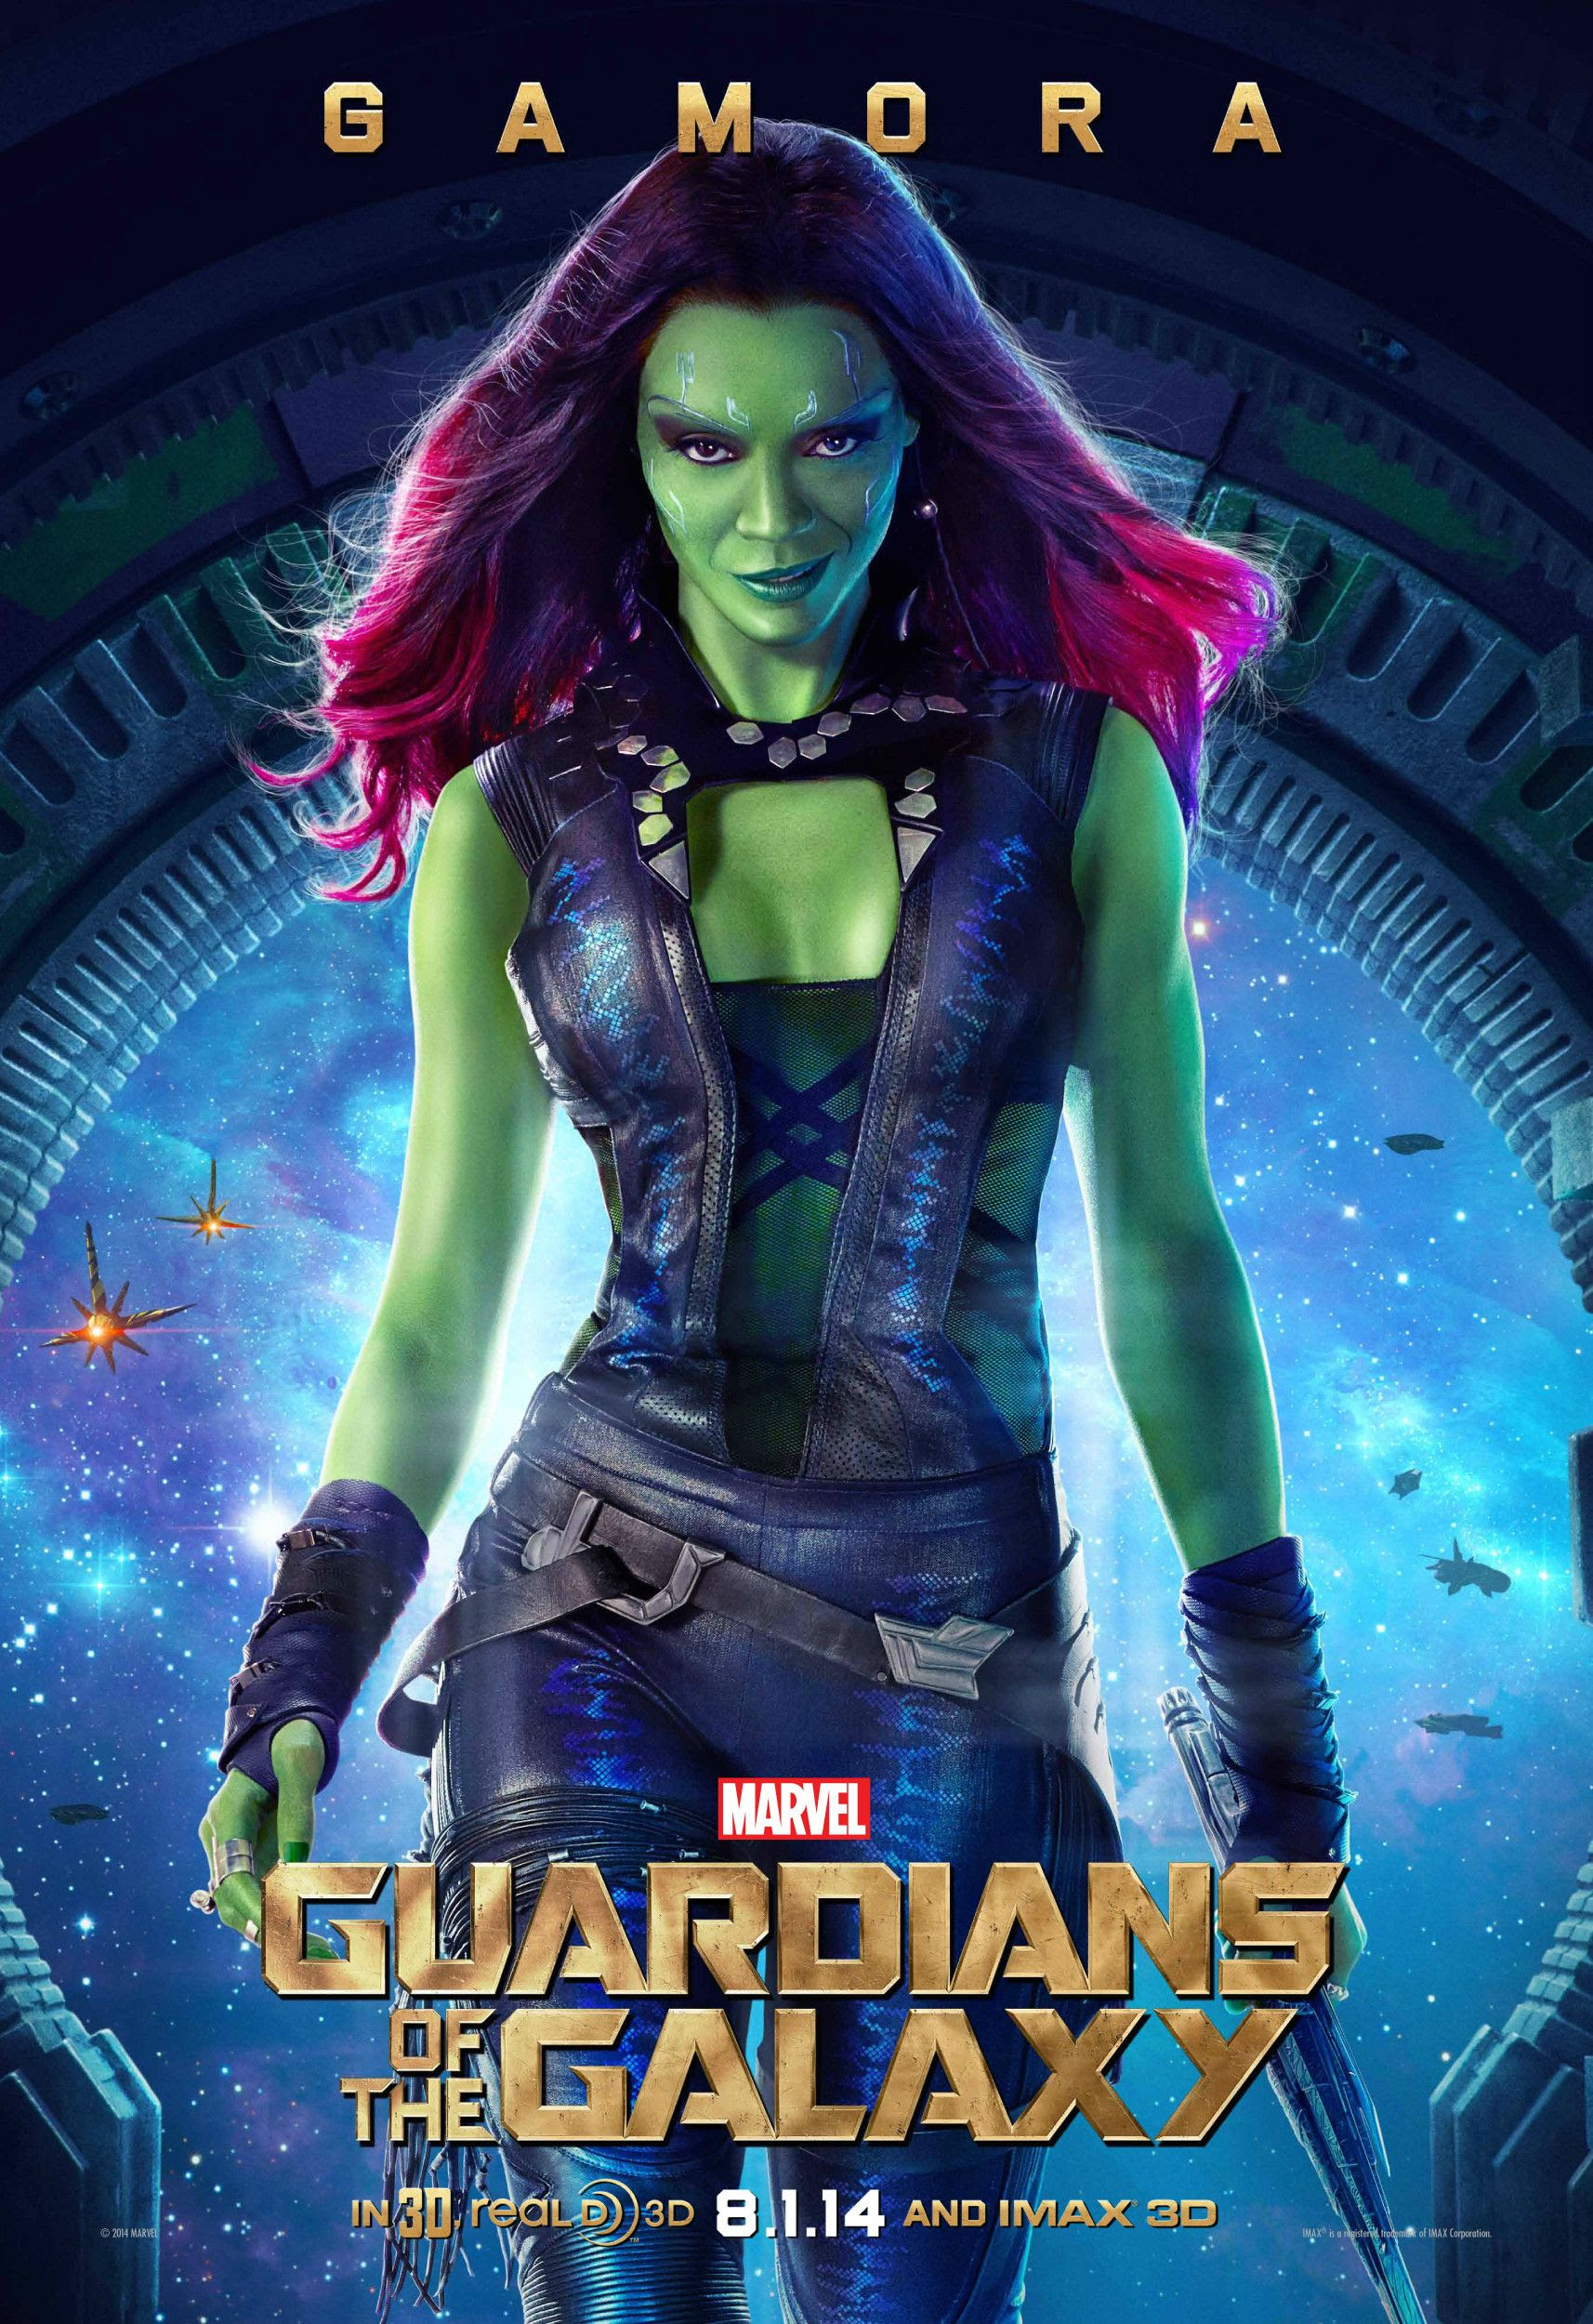 Poster Gamora Guardianes de la Galaxia